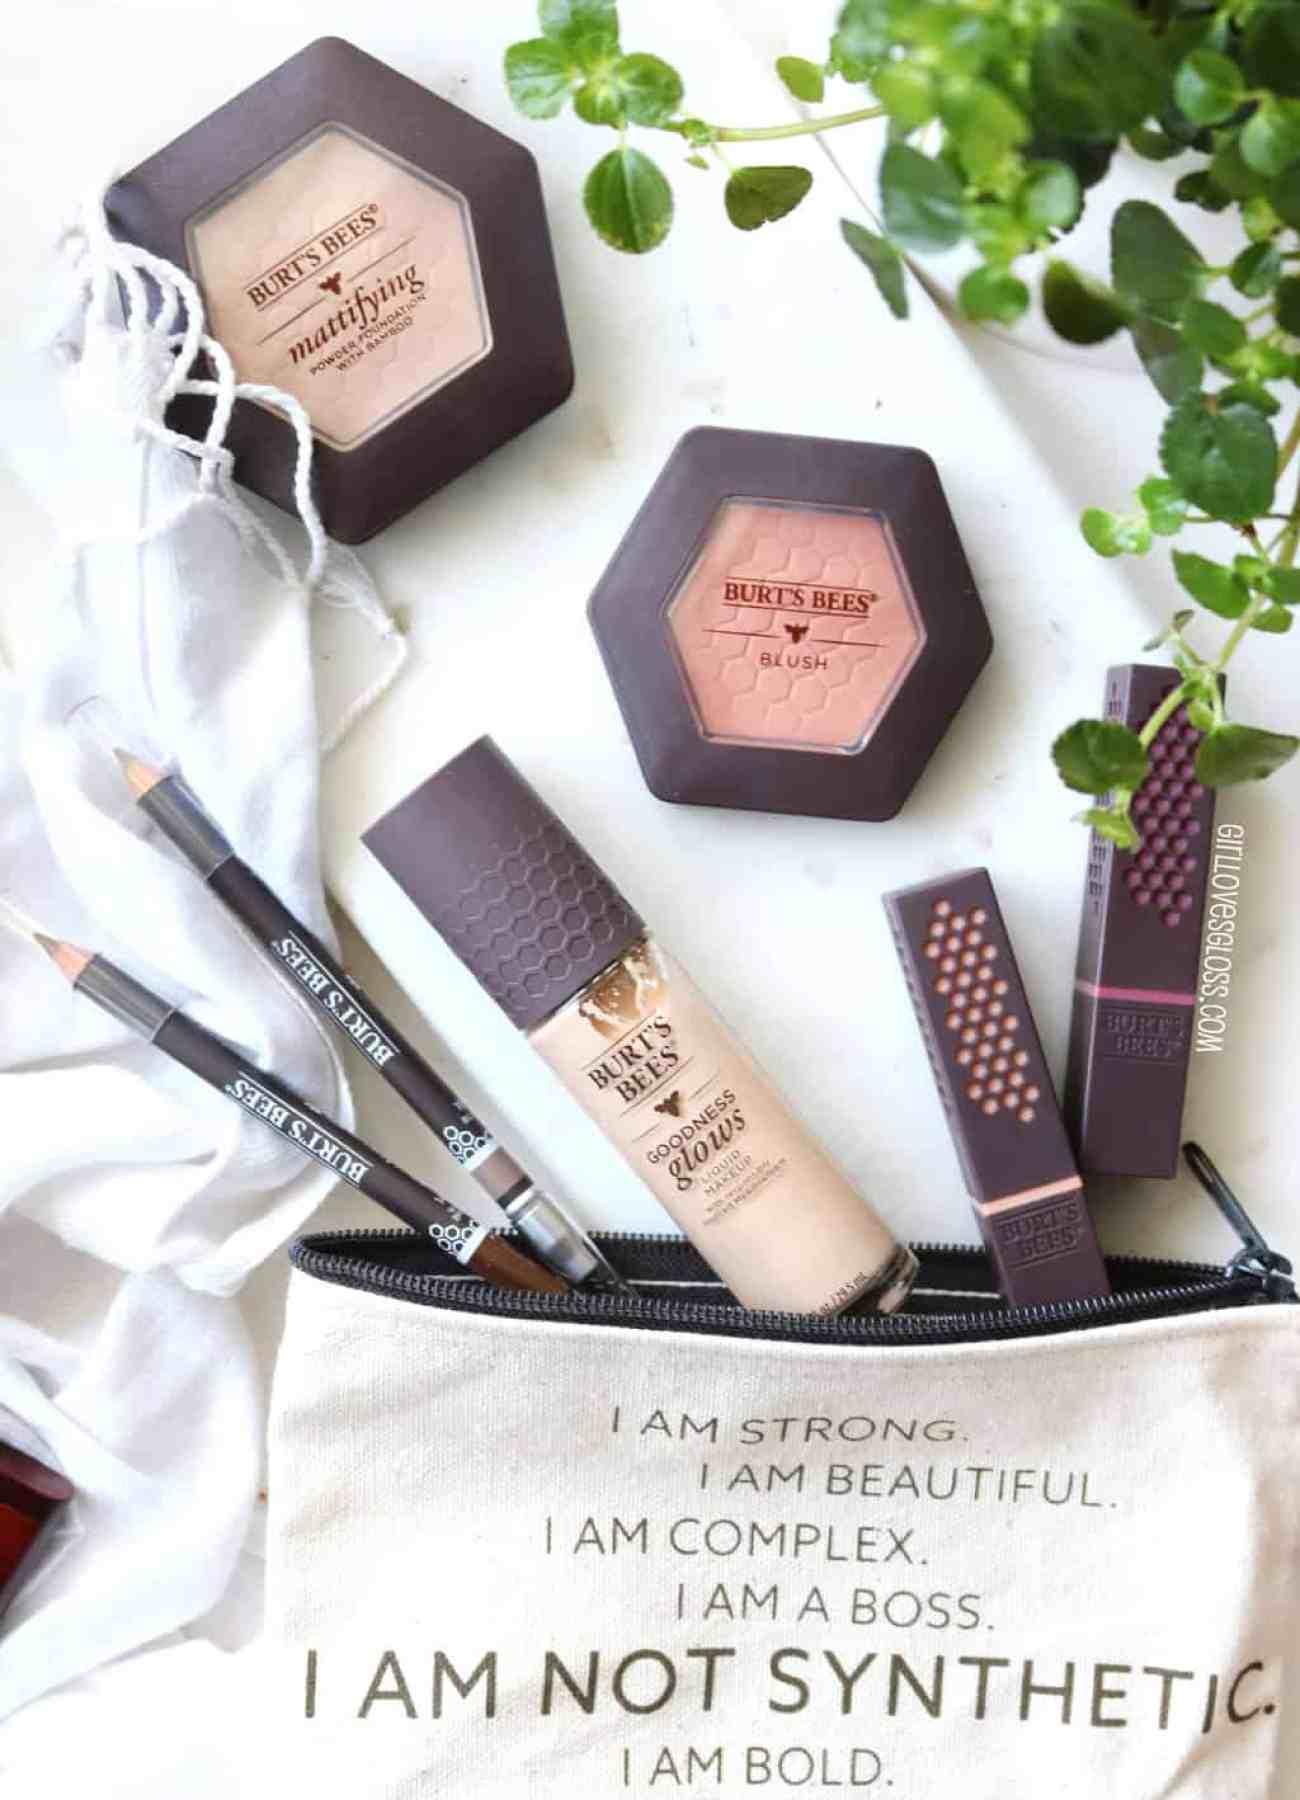 Burts Bees Makeup Review